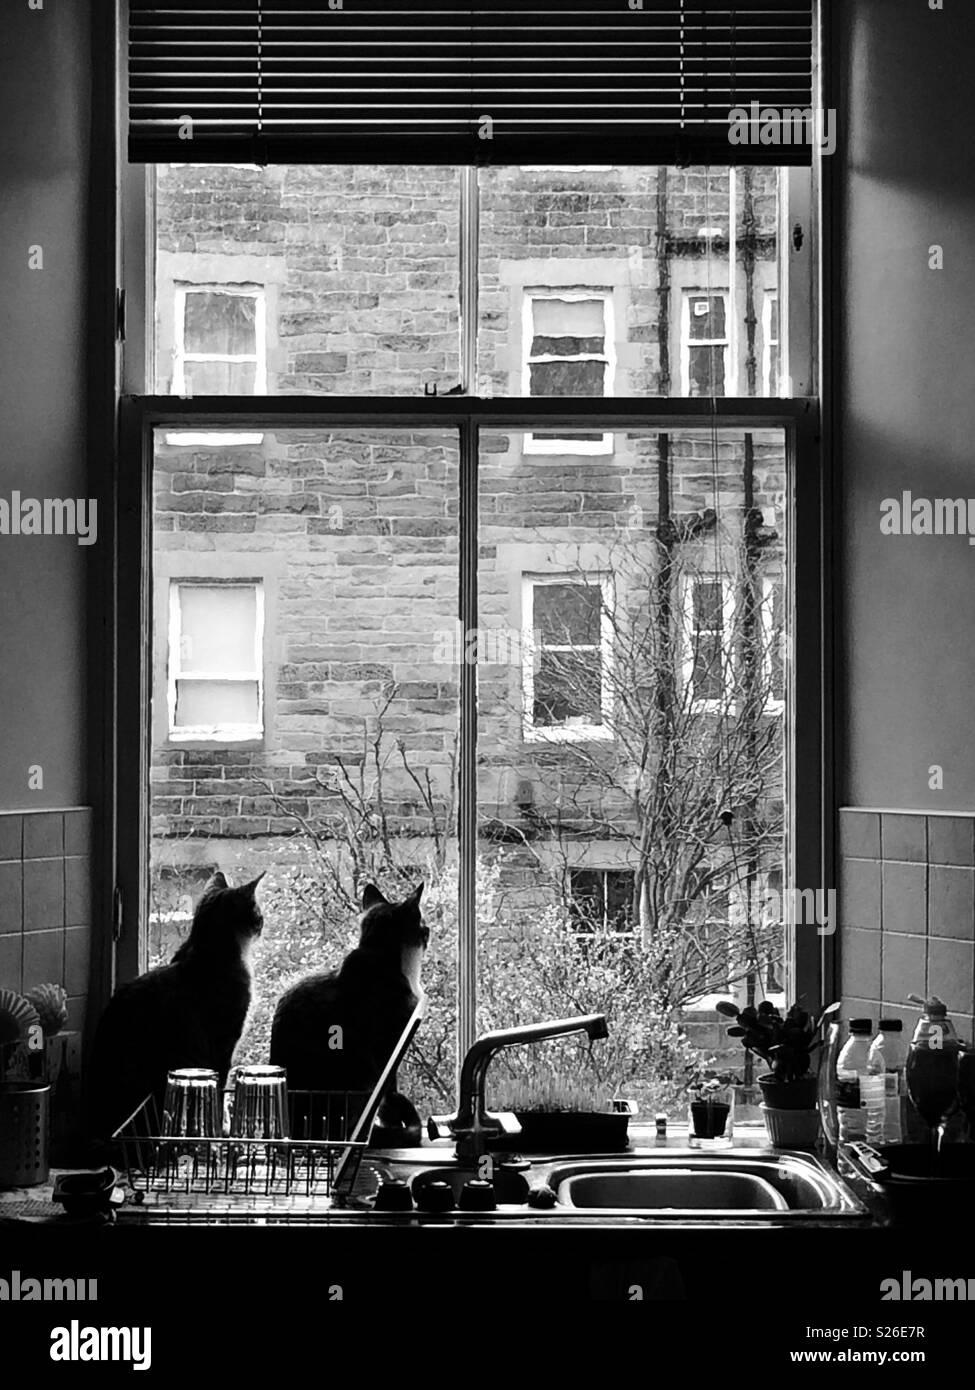 Zwei Katzen in der Küche Fenster sitzen mit Blick in den Garten. Stockbild